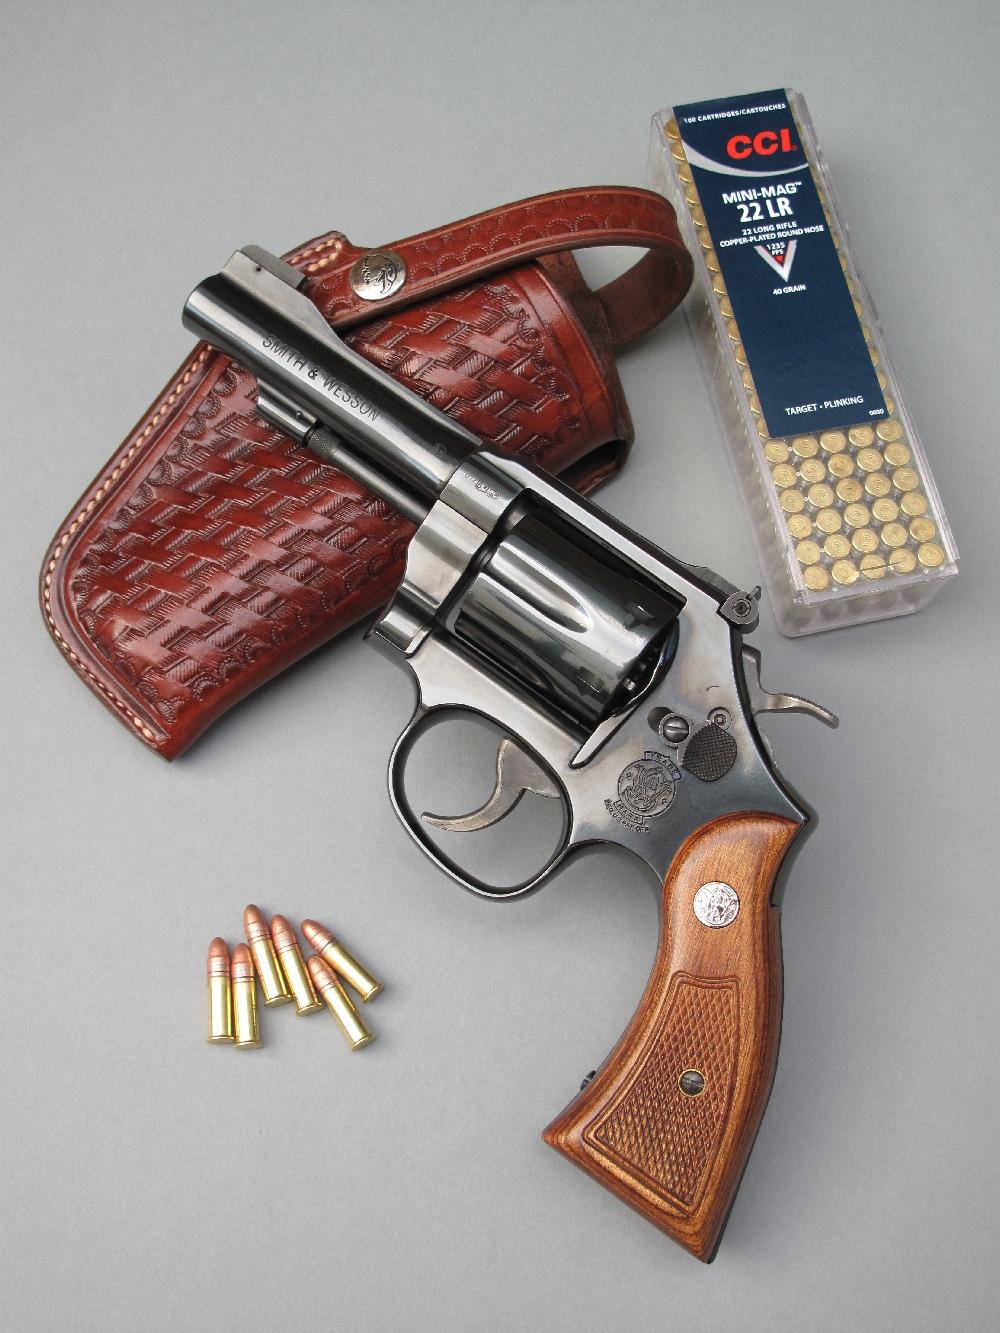 Le Smith & Wesson modèle 18 « Combat Masterpiece », un revolver tout acier de conception traditionnelle, est accompagné ici par une boîte de 100 cartouches de calibre .22 Long Rifle à haute vitesse et par un étui de ceinture en cuir finition basket, réalisé par la maison française La Sellerie du Thymerais, qui reprend l'esprit d'époque des holsters conçus dans les années 1920 par le sheriff et gunfighter Tom Threepersons (1889-1969) et réalisés à El Paso, au Texas, par le sellier Samuel Dale Myres (1871-1953).